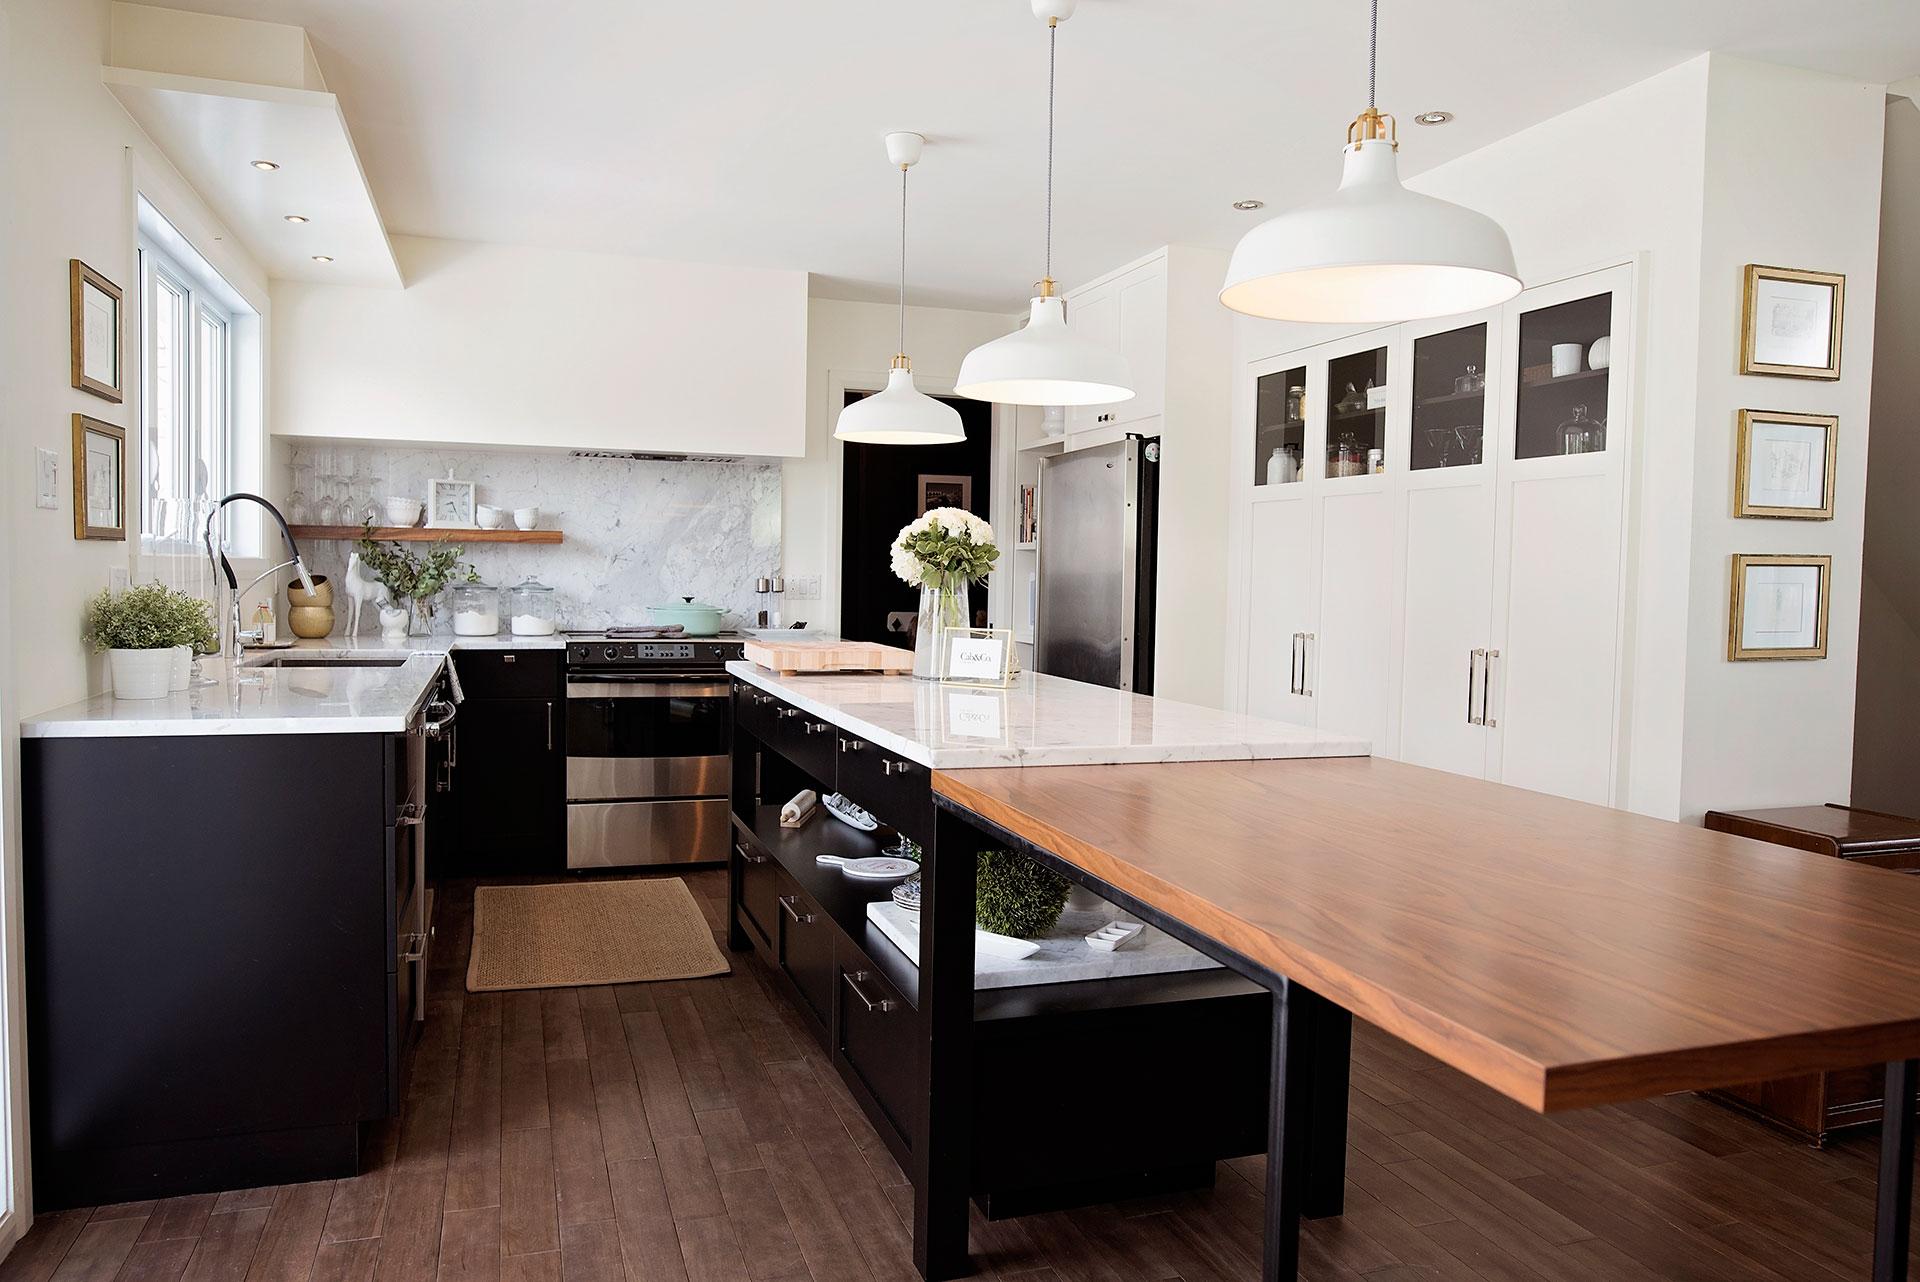 Design intérieur - Rénovation cuisine - Rénovation salle de bain ...